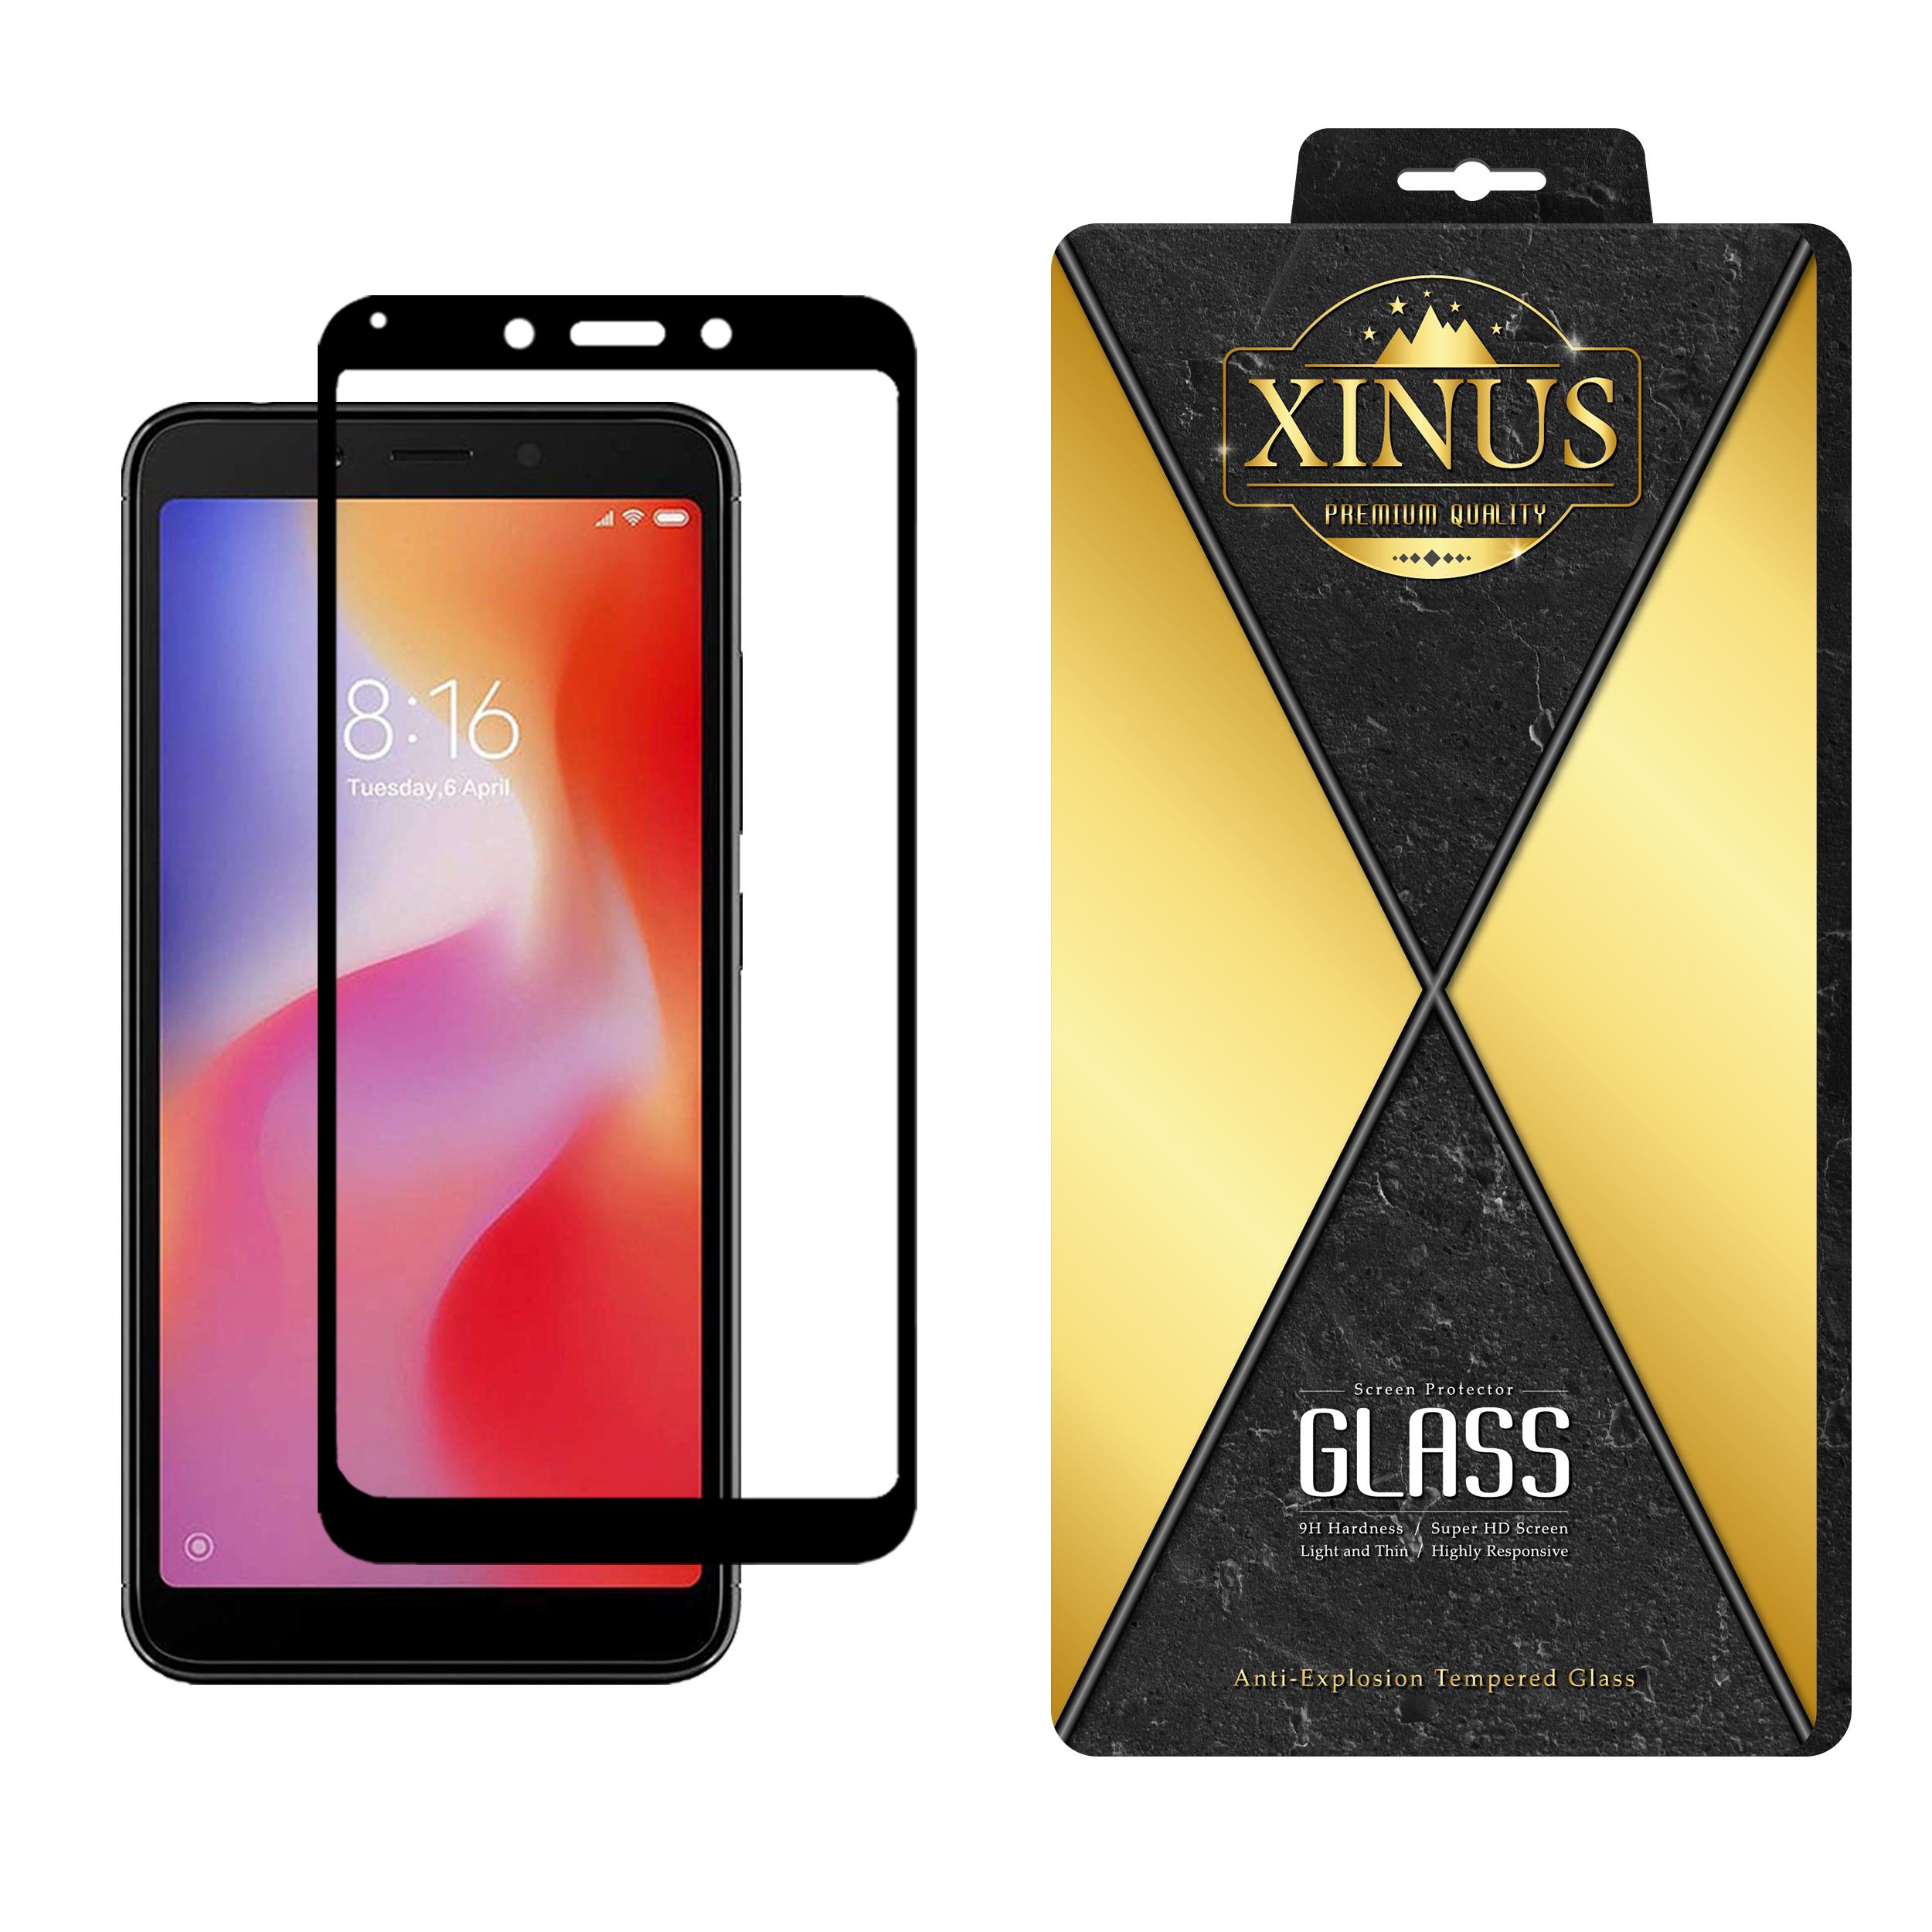 محافظ صفحه نمایش 5D ژینوس مدل FGX مناسب برای گوشی موبایل شیائومی Redmi 6  در بزرگترین فروشگاه اینترنتی جنوب کشور ویزمارکت